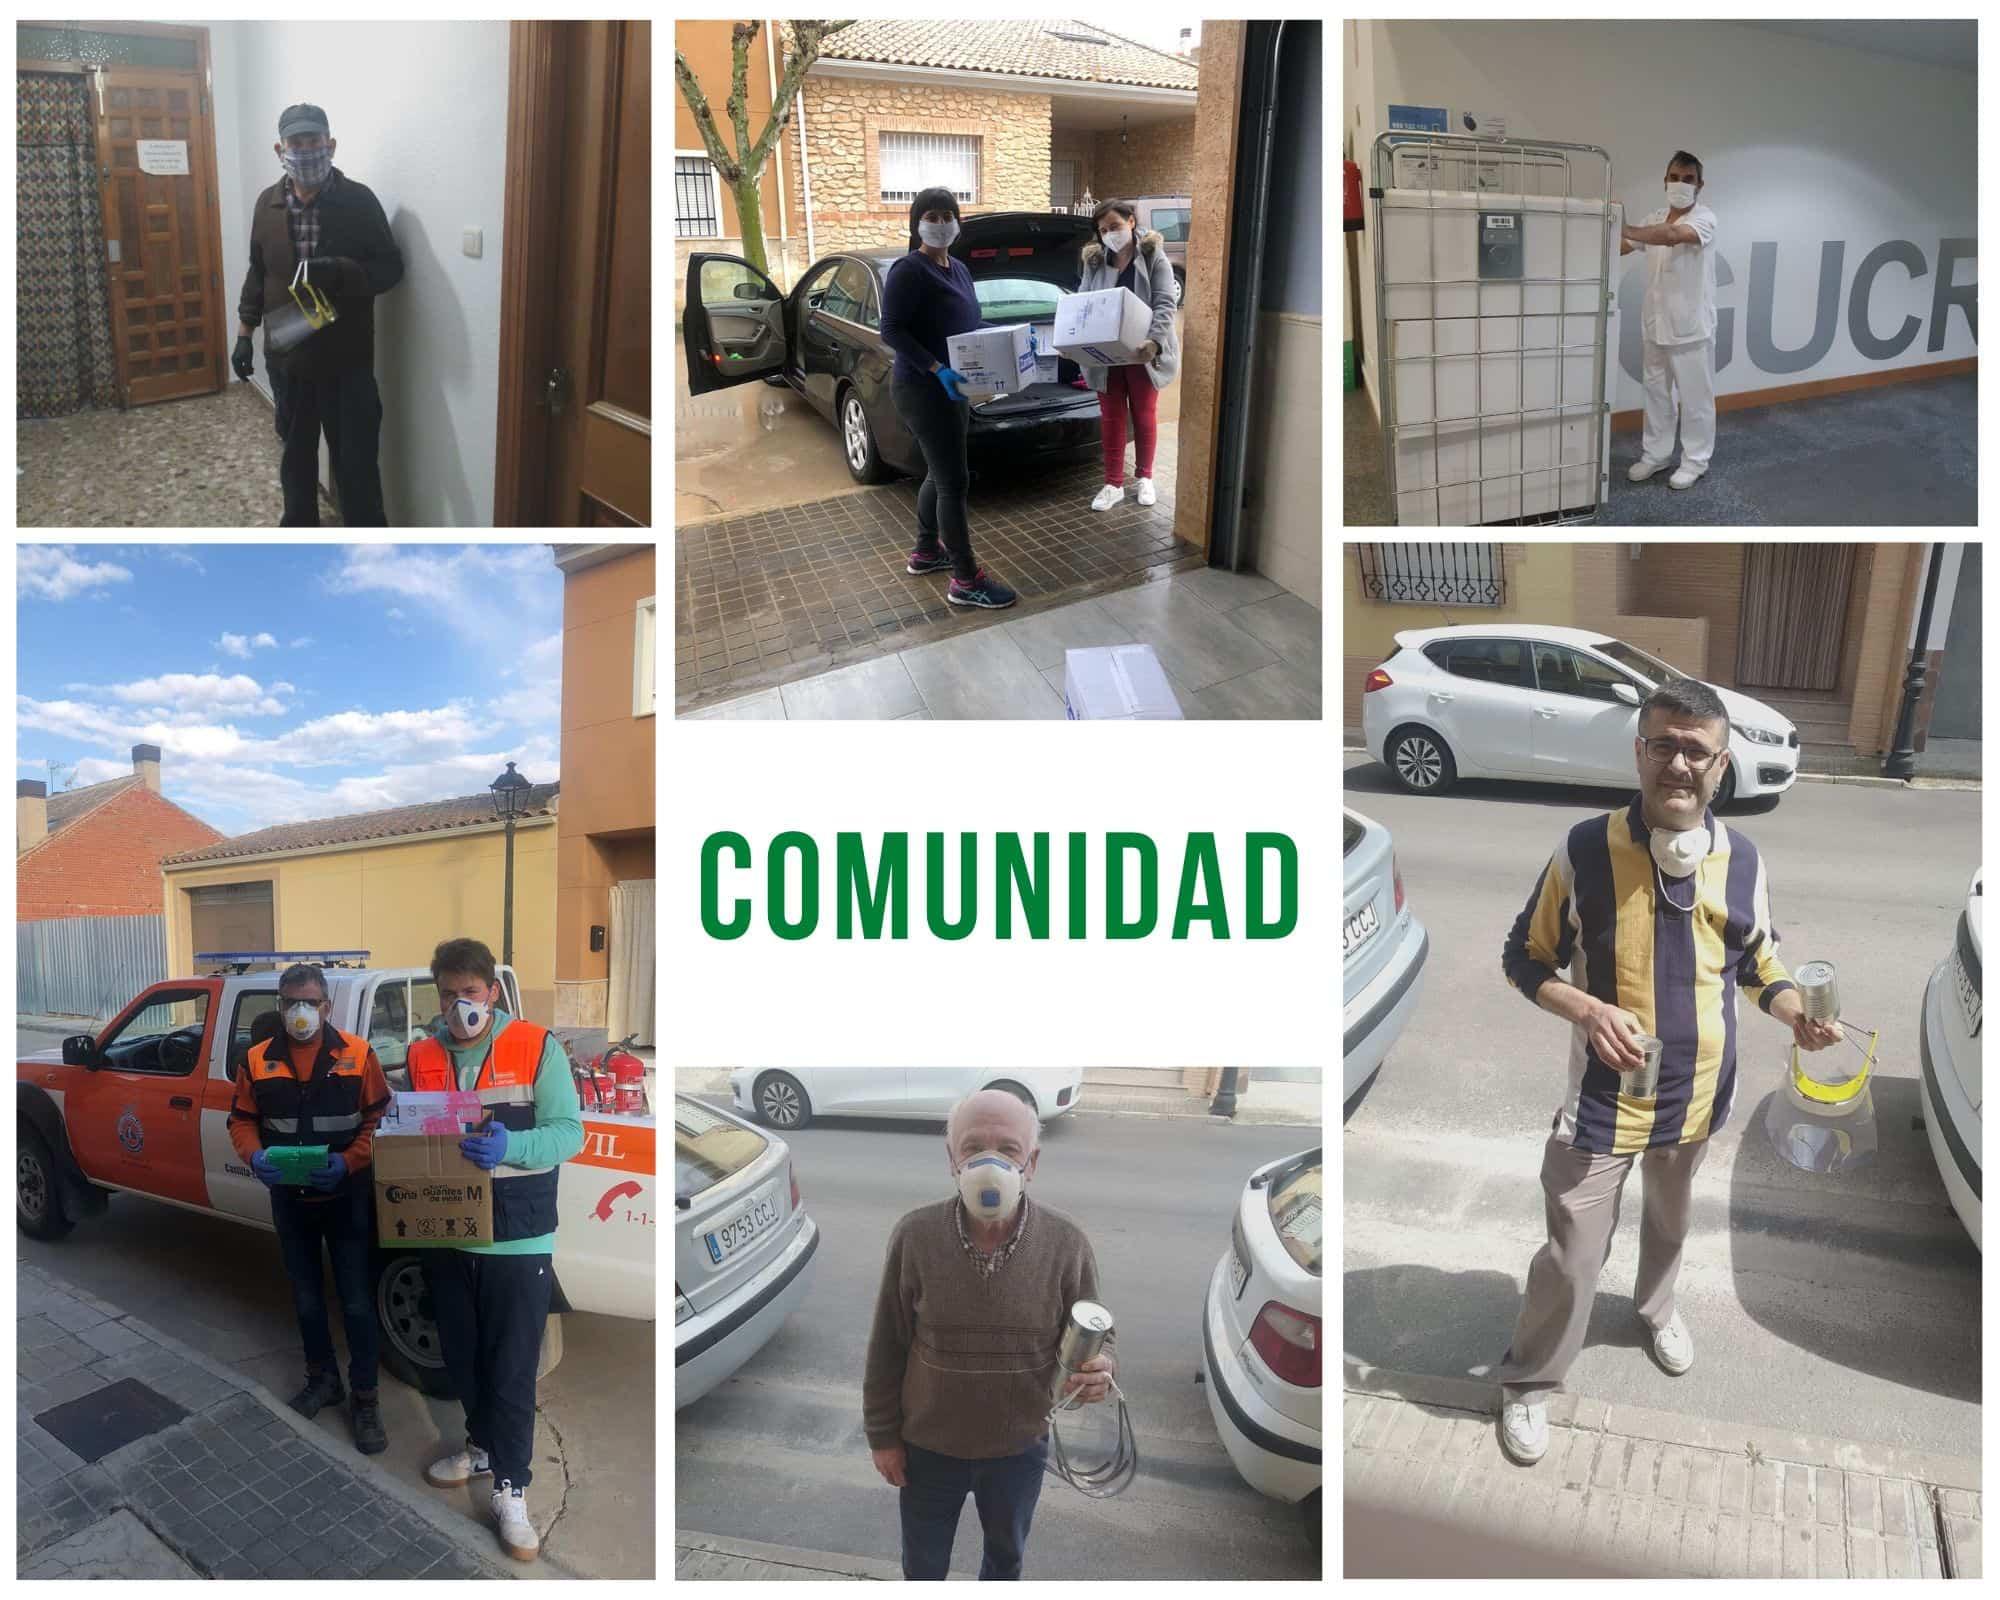 comunidad - Ánthropos es toda la comunidad